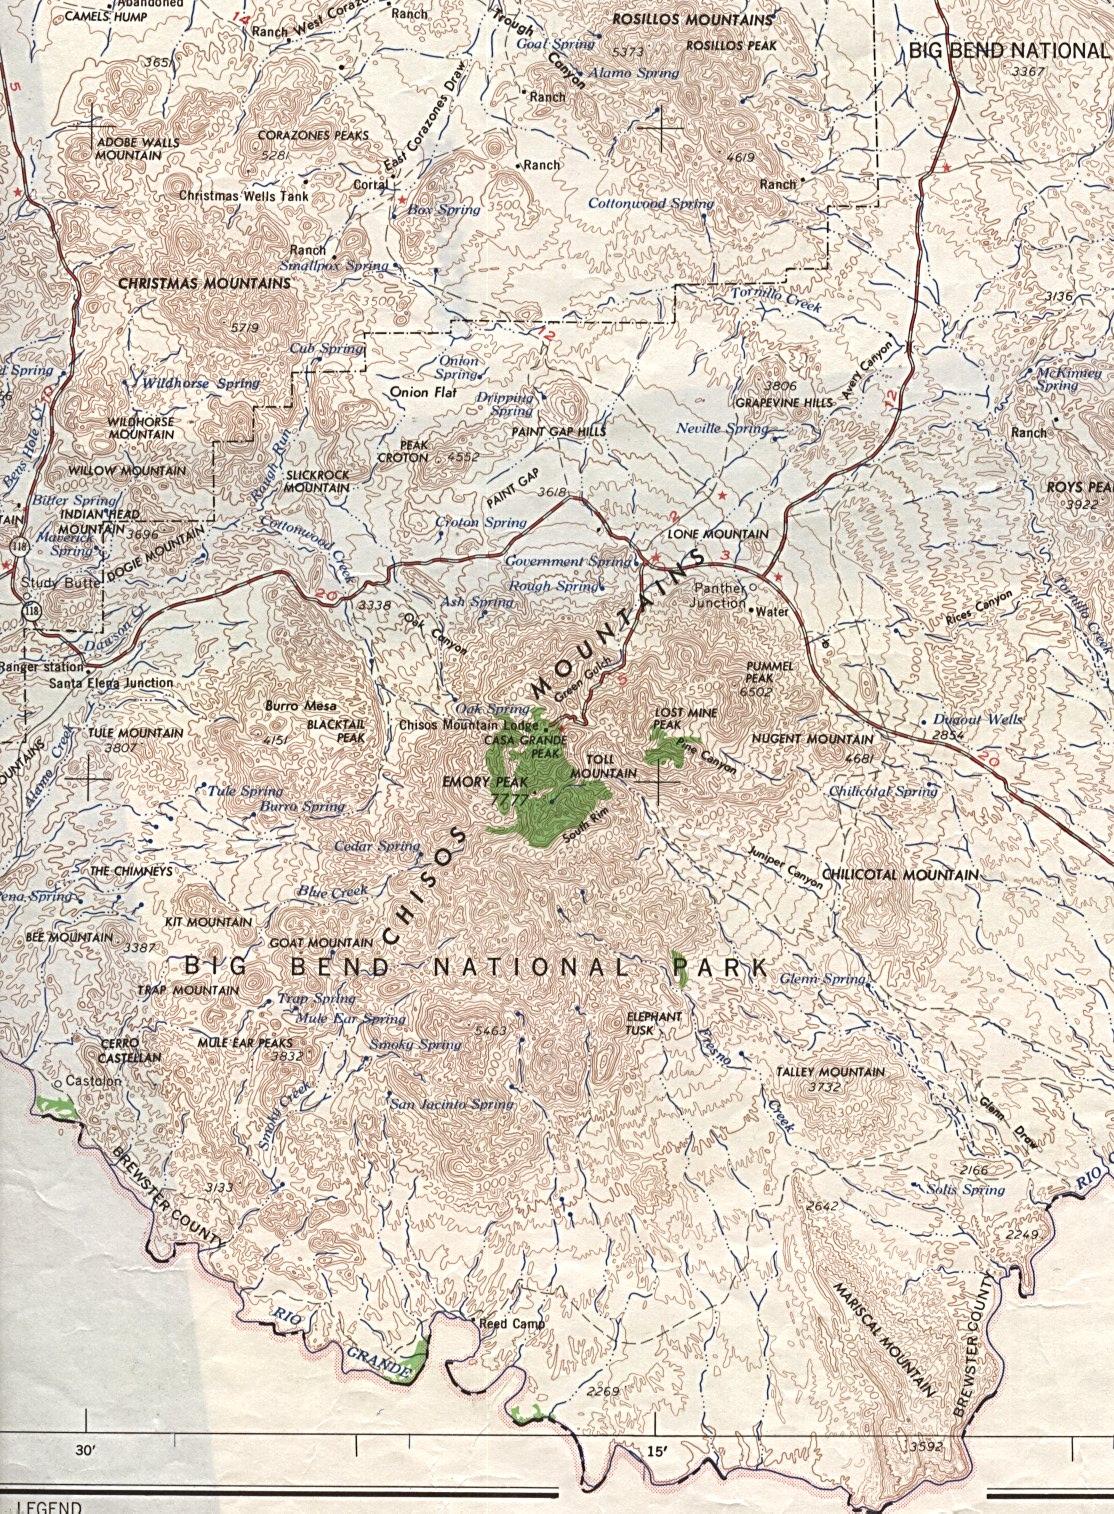 Mapa del Parque Nacional Big Bend, Texas, Estados Unidos 1959